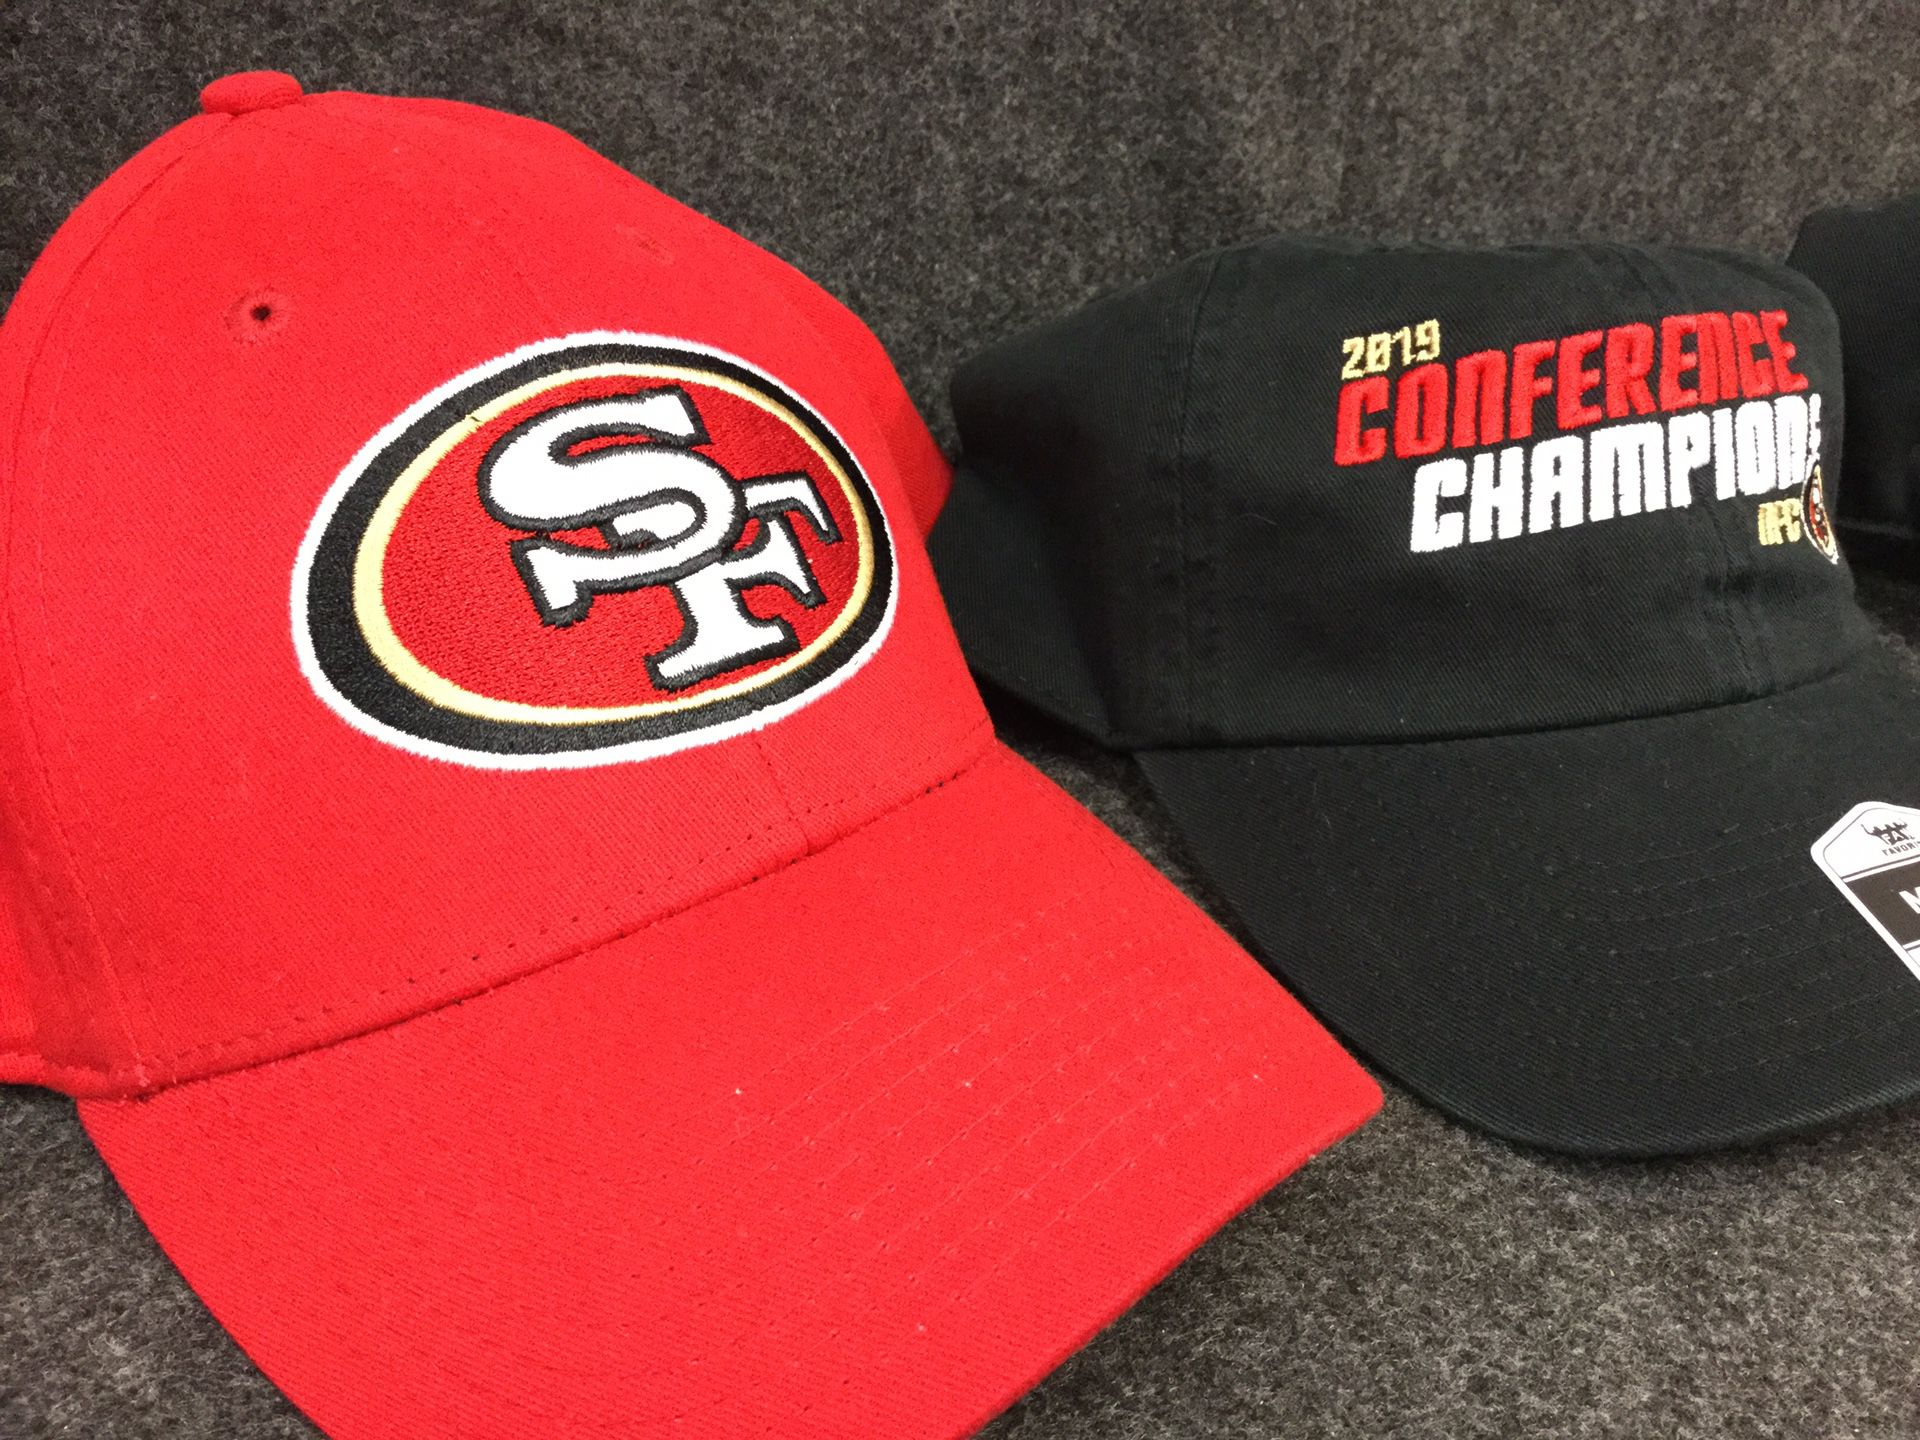 49ers hats